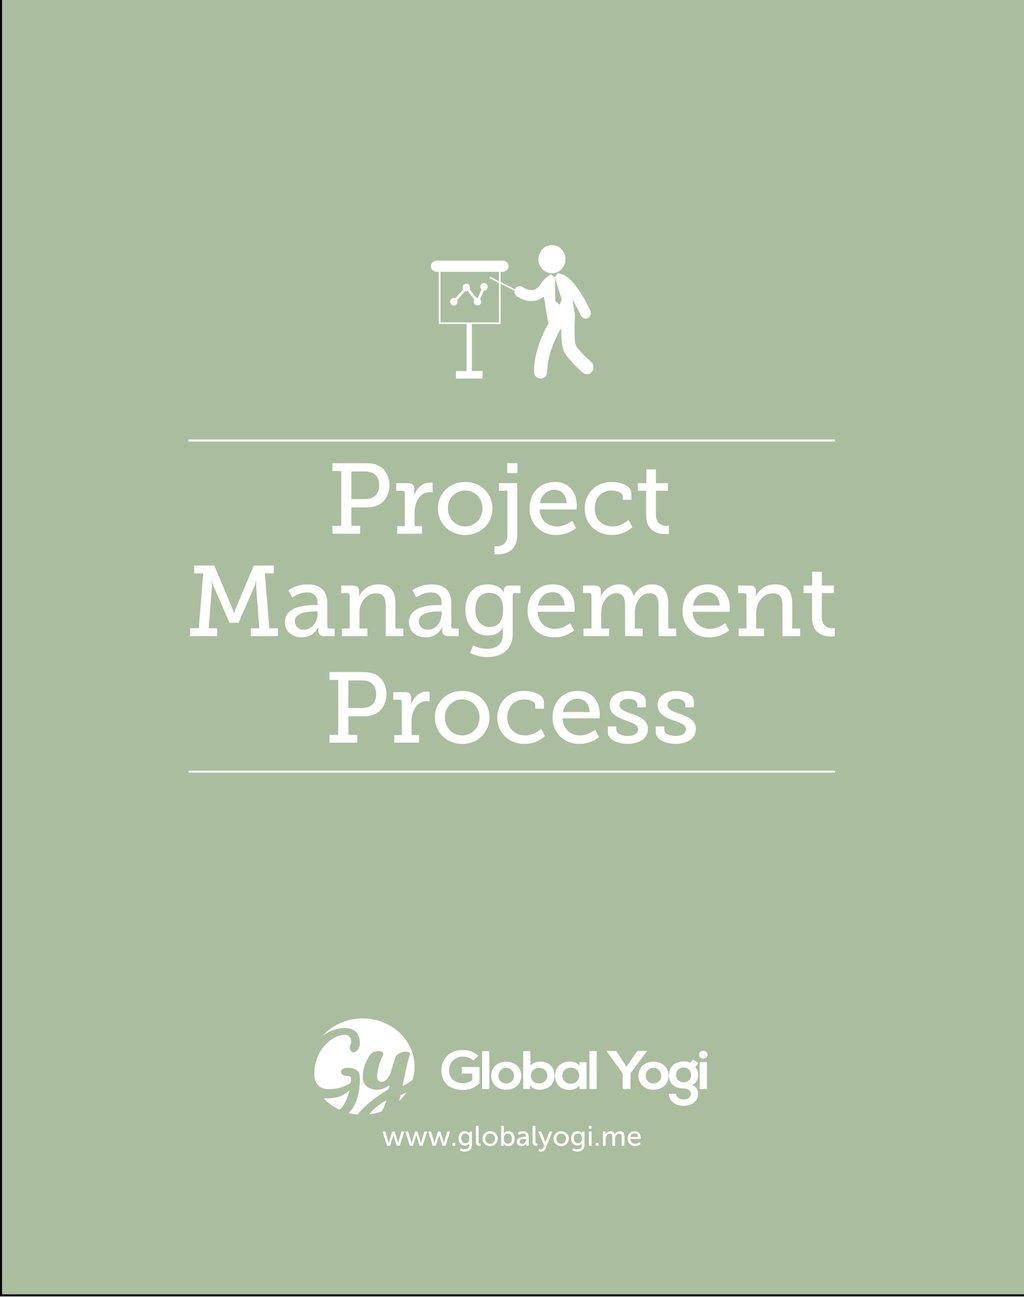 Project_Management_Process